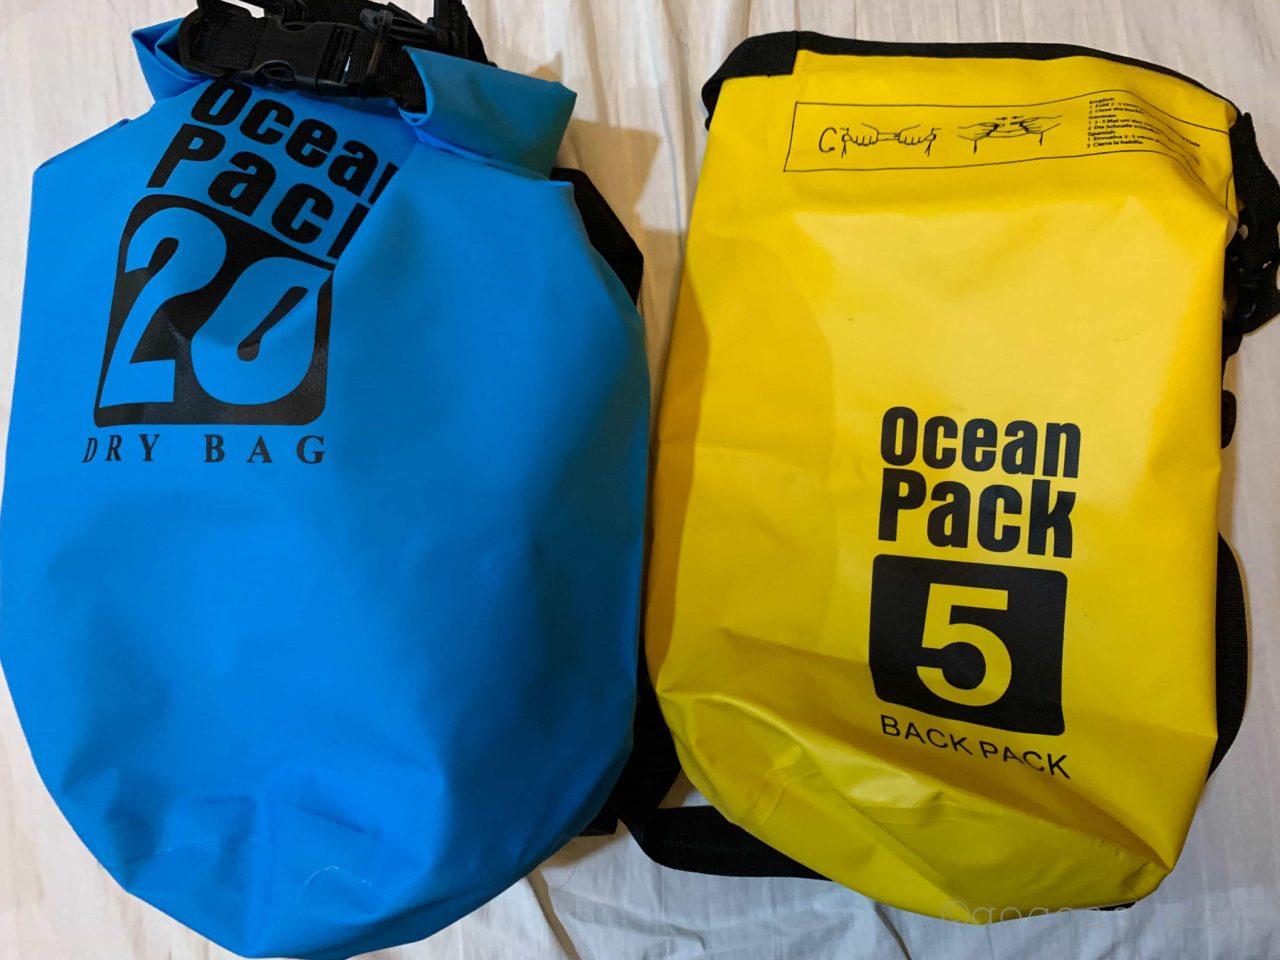 oceanpack5と20